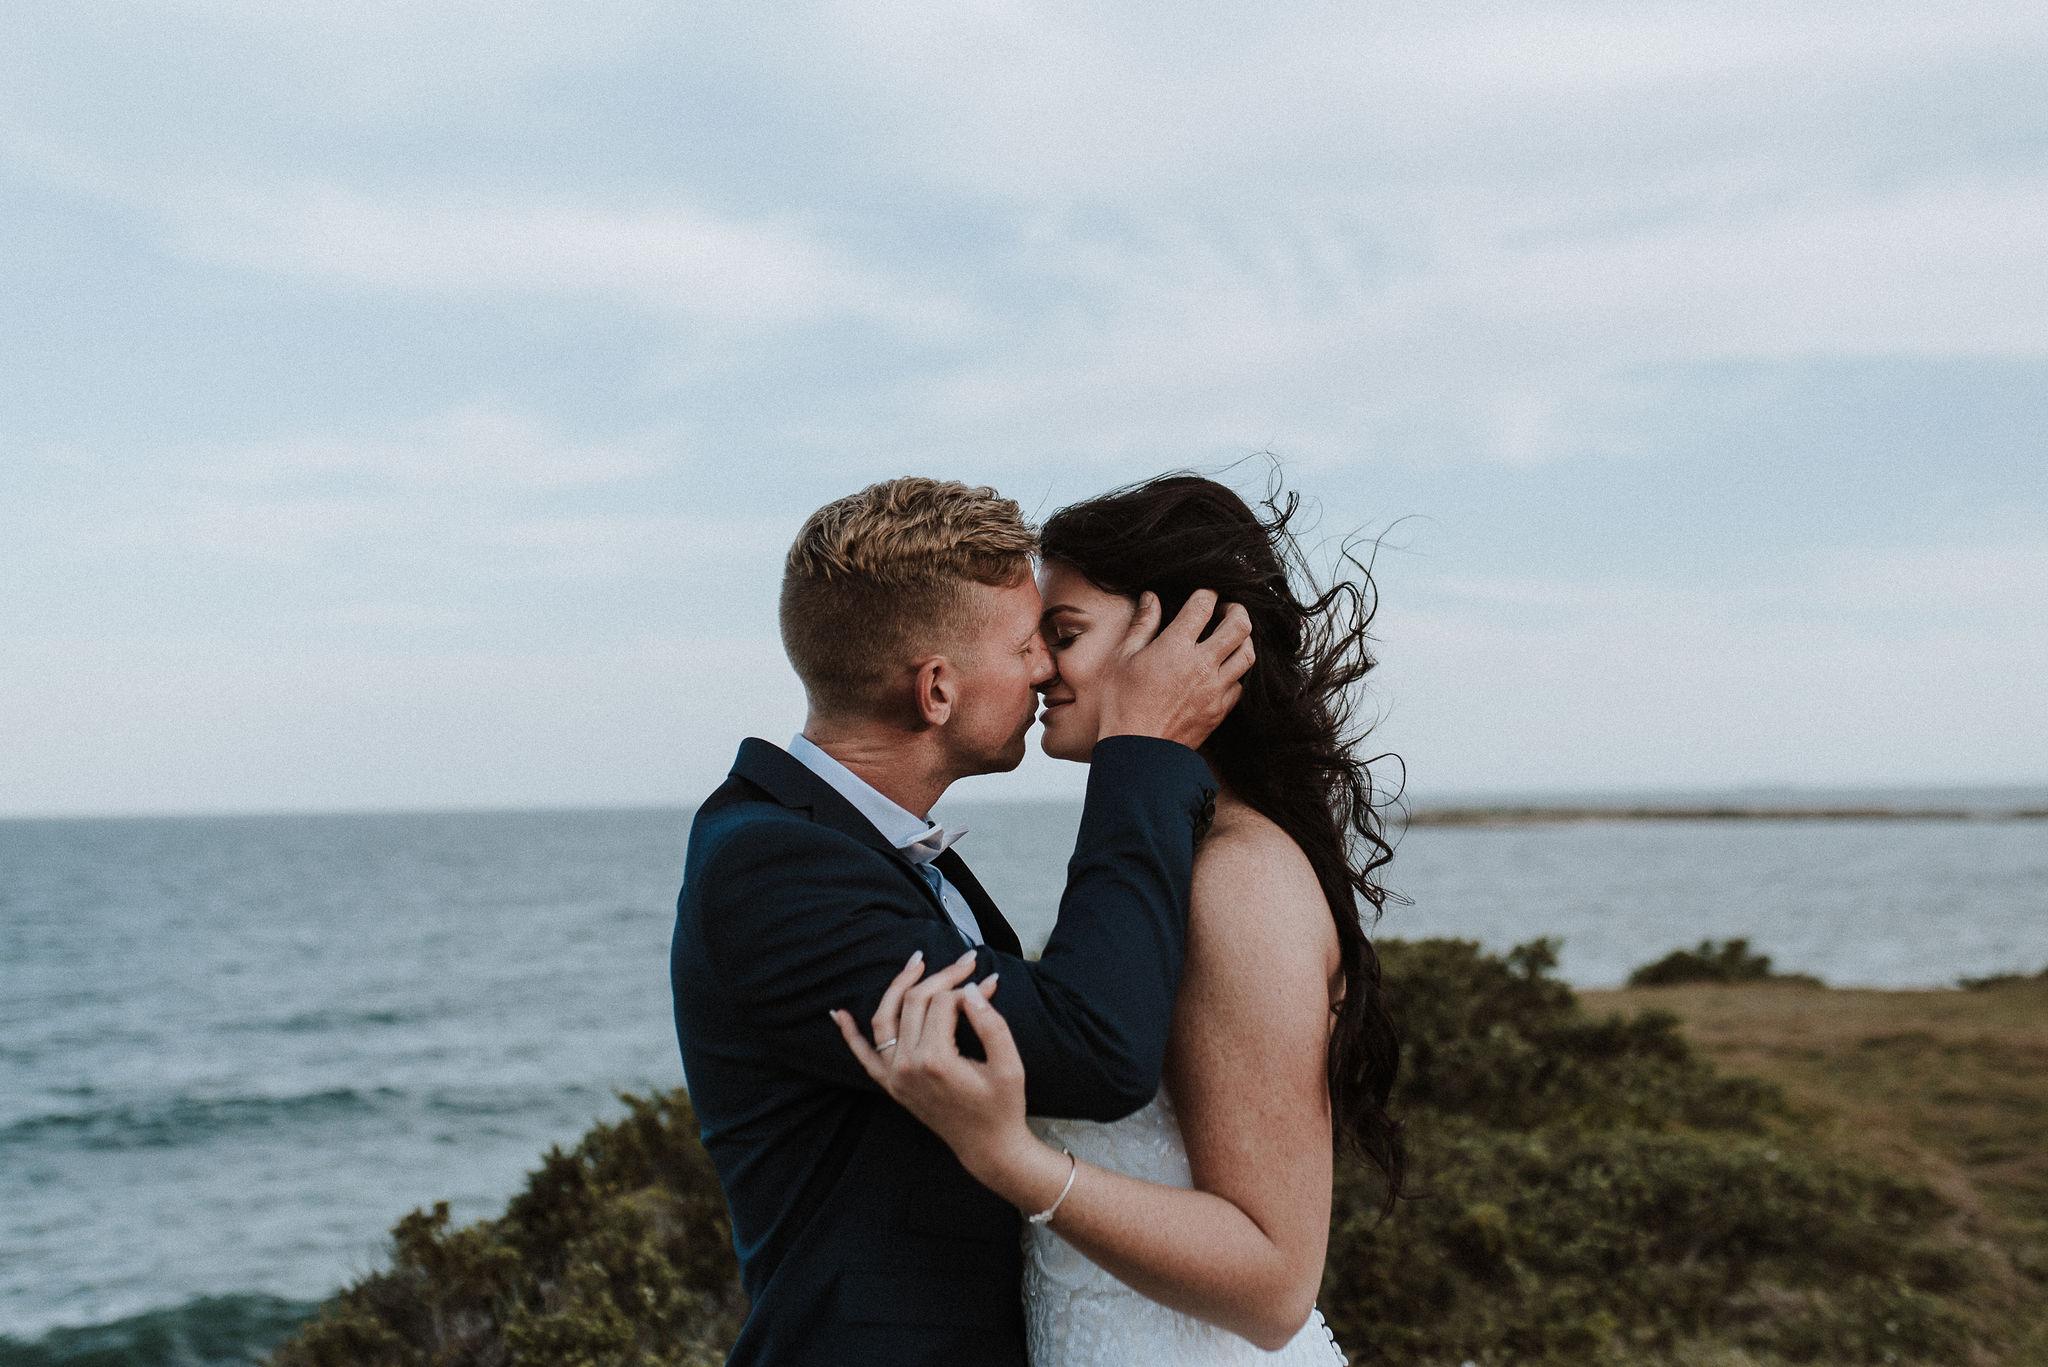 CAVES-BEACH-WEDDING-PATTEN-PREVIEW-6.jpg